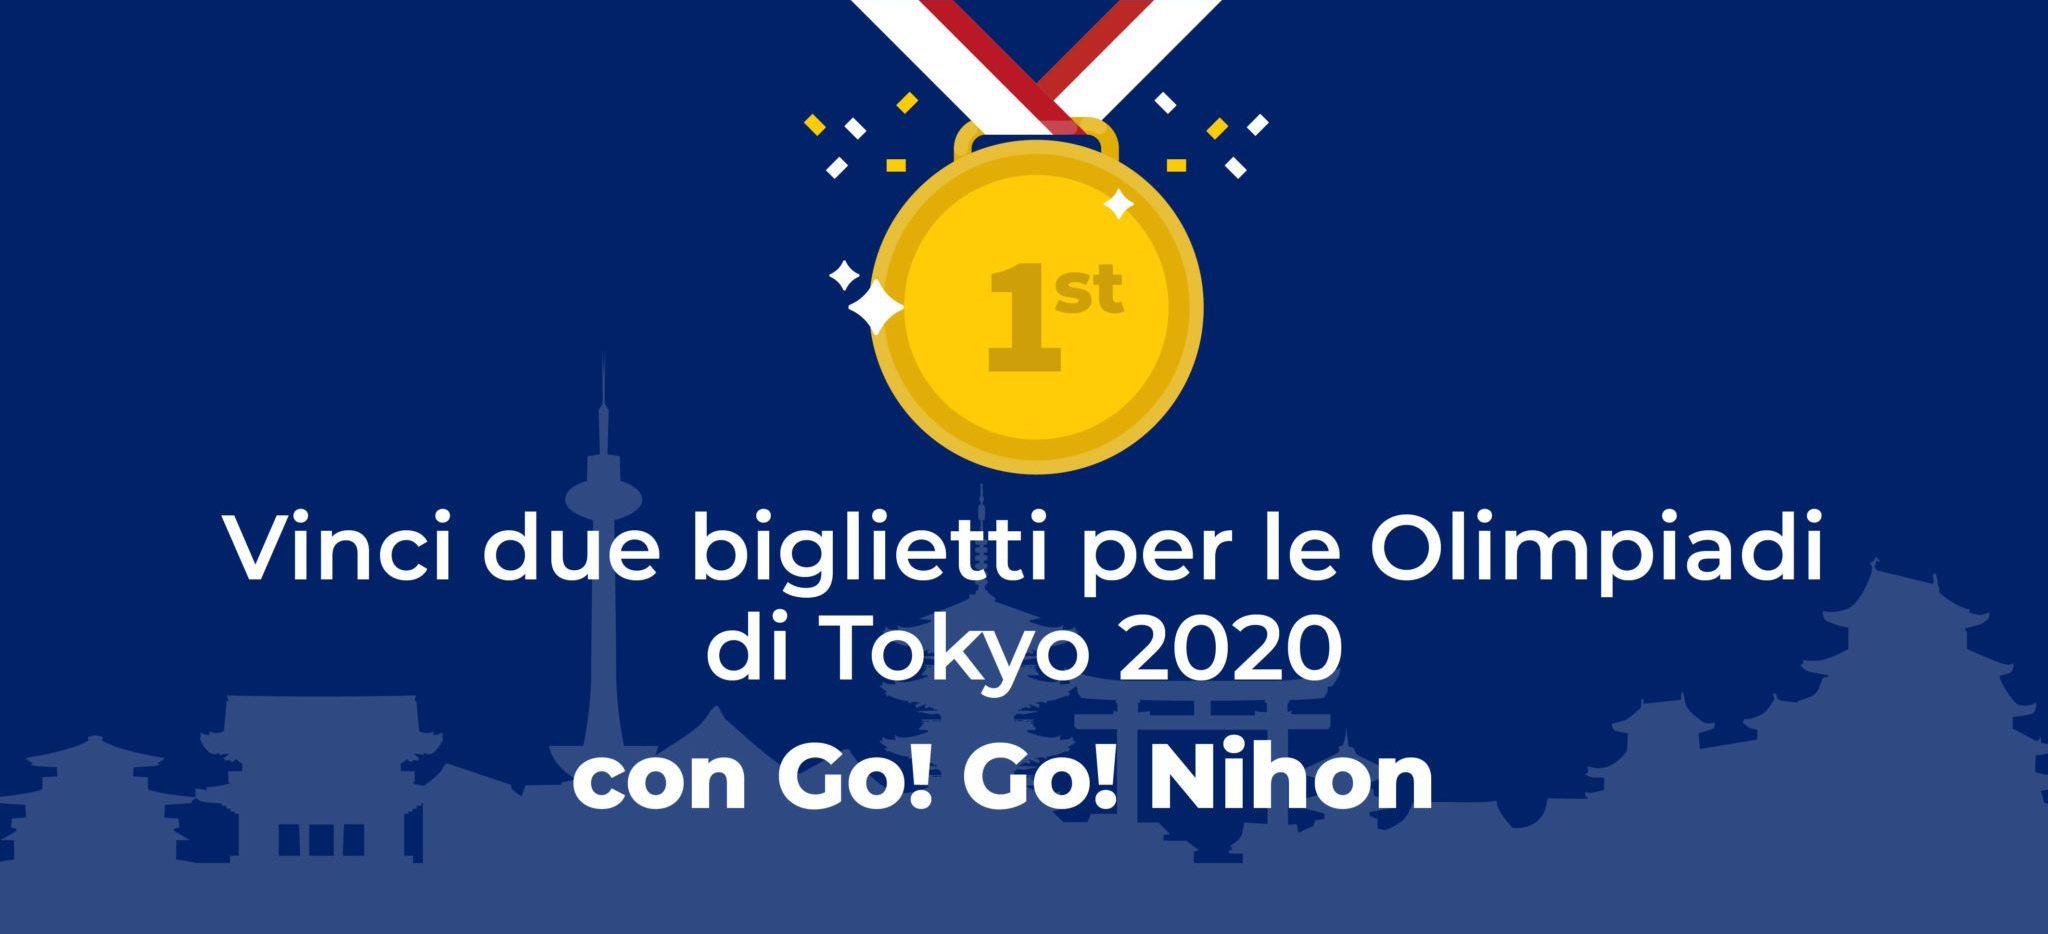 biglietti per le Olimpiadi di Tokyo 2020